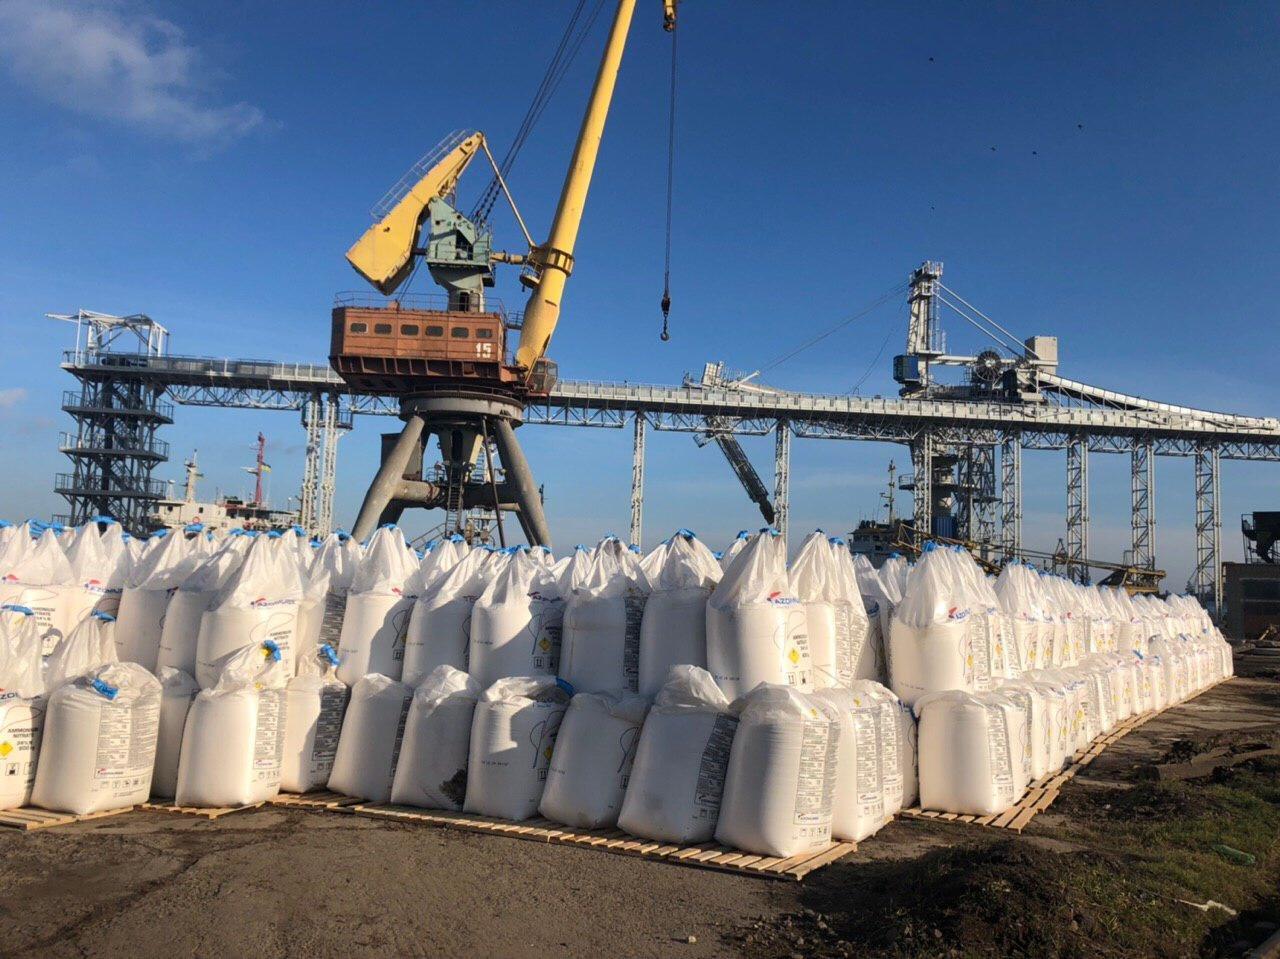 Псевдоэкологи запустили фейковую новость о нарушениях в черноморском порту, фото-3